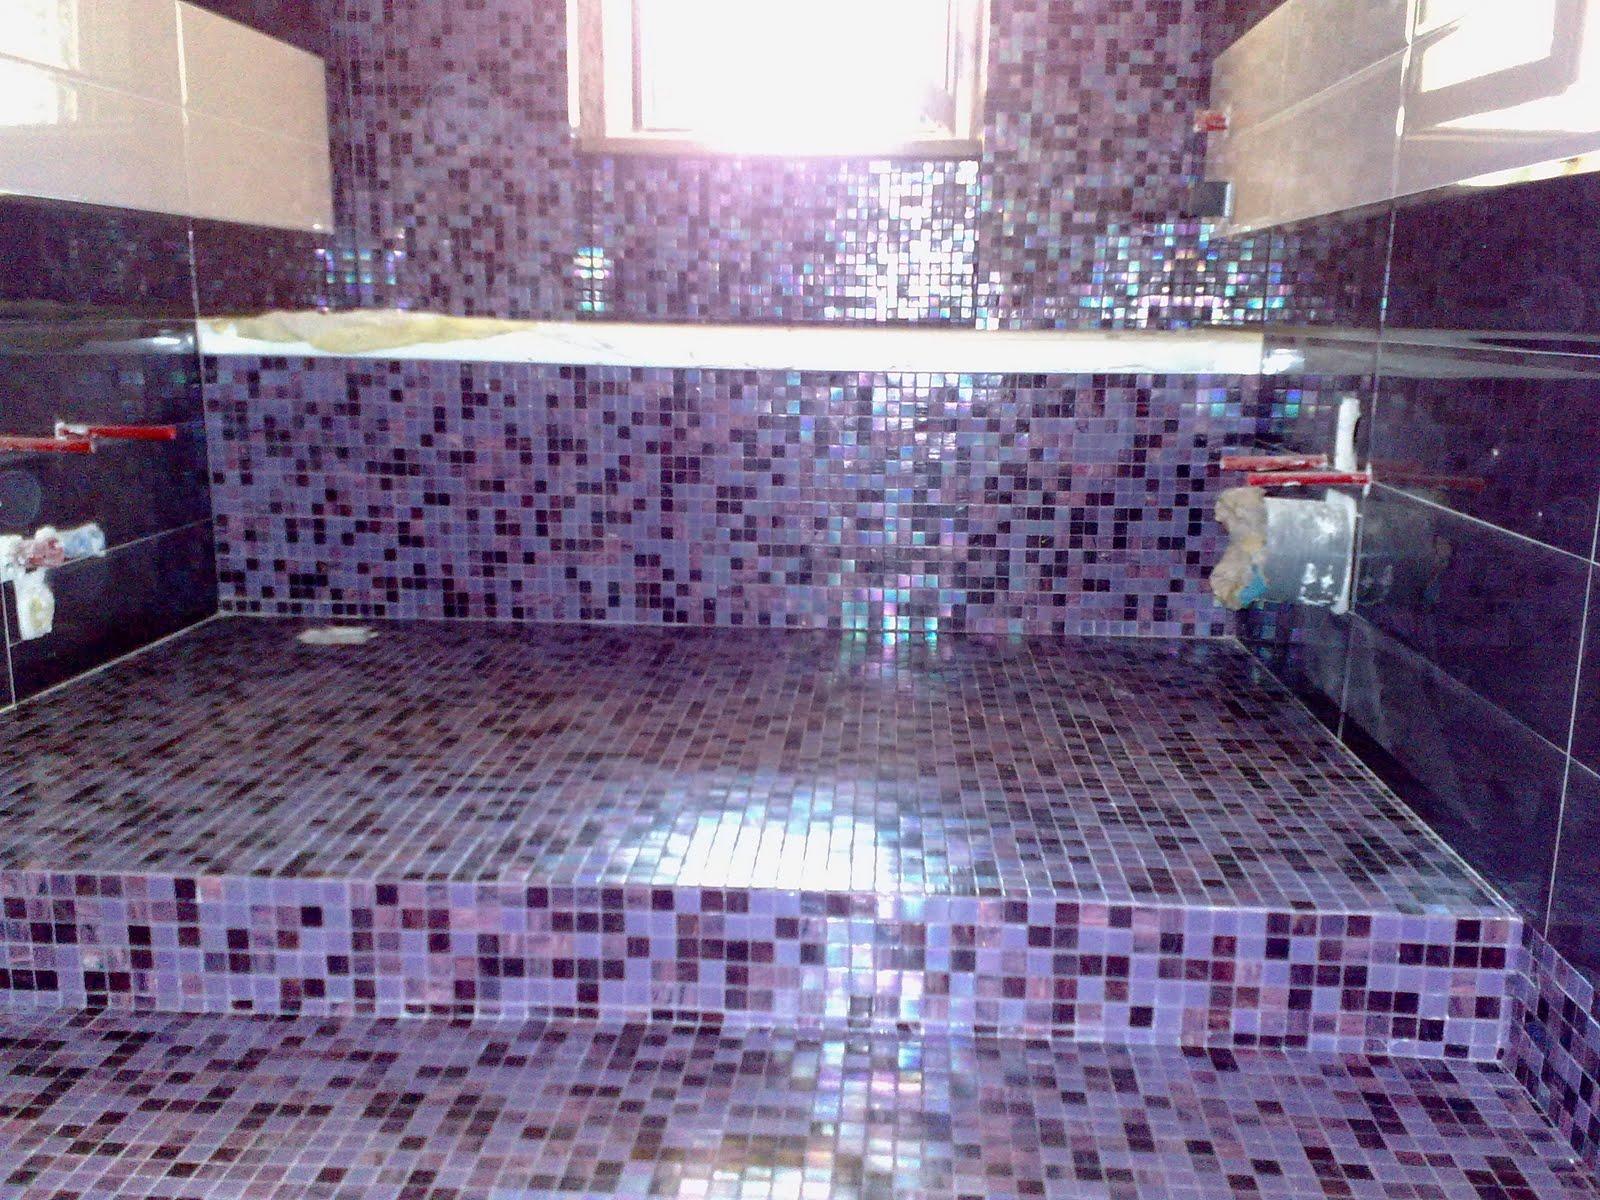 Piastrellista per passione una bella fusione di - Piastrelle in mosaico per bagno ...